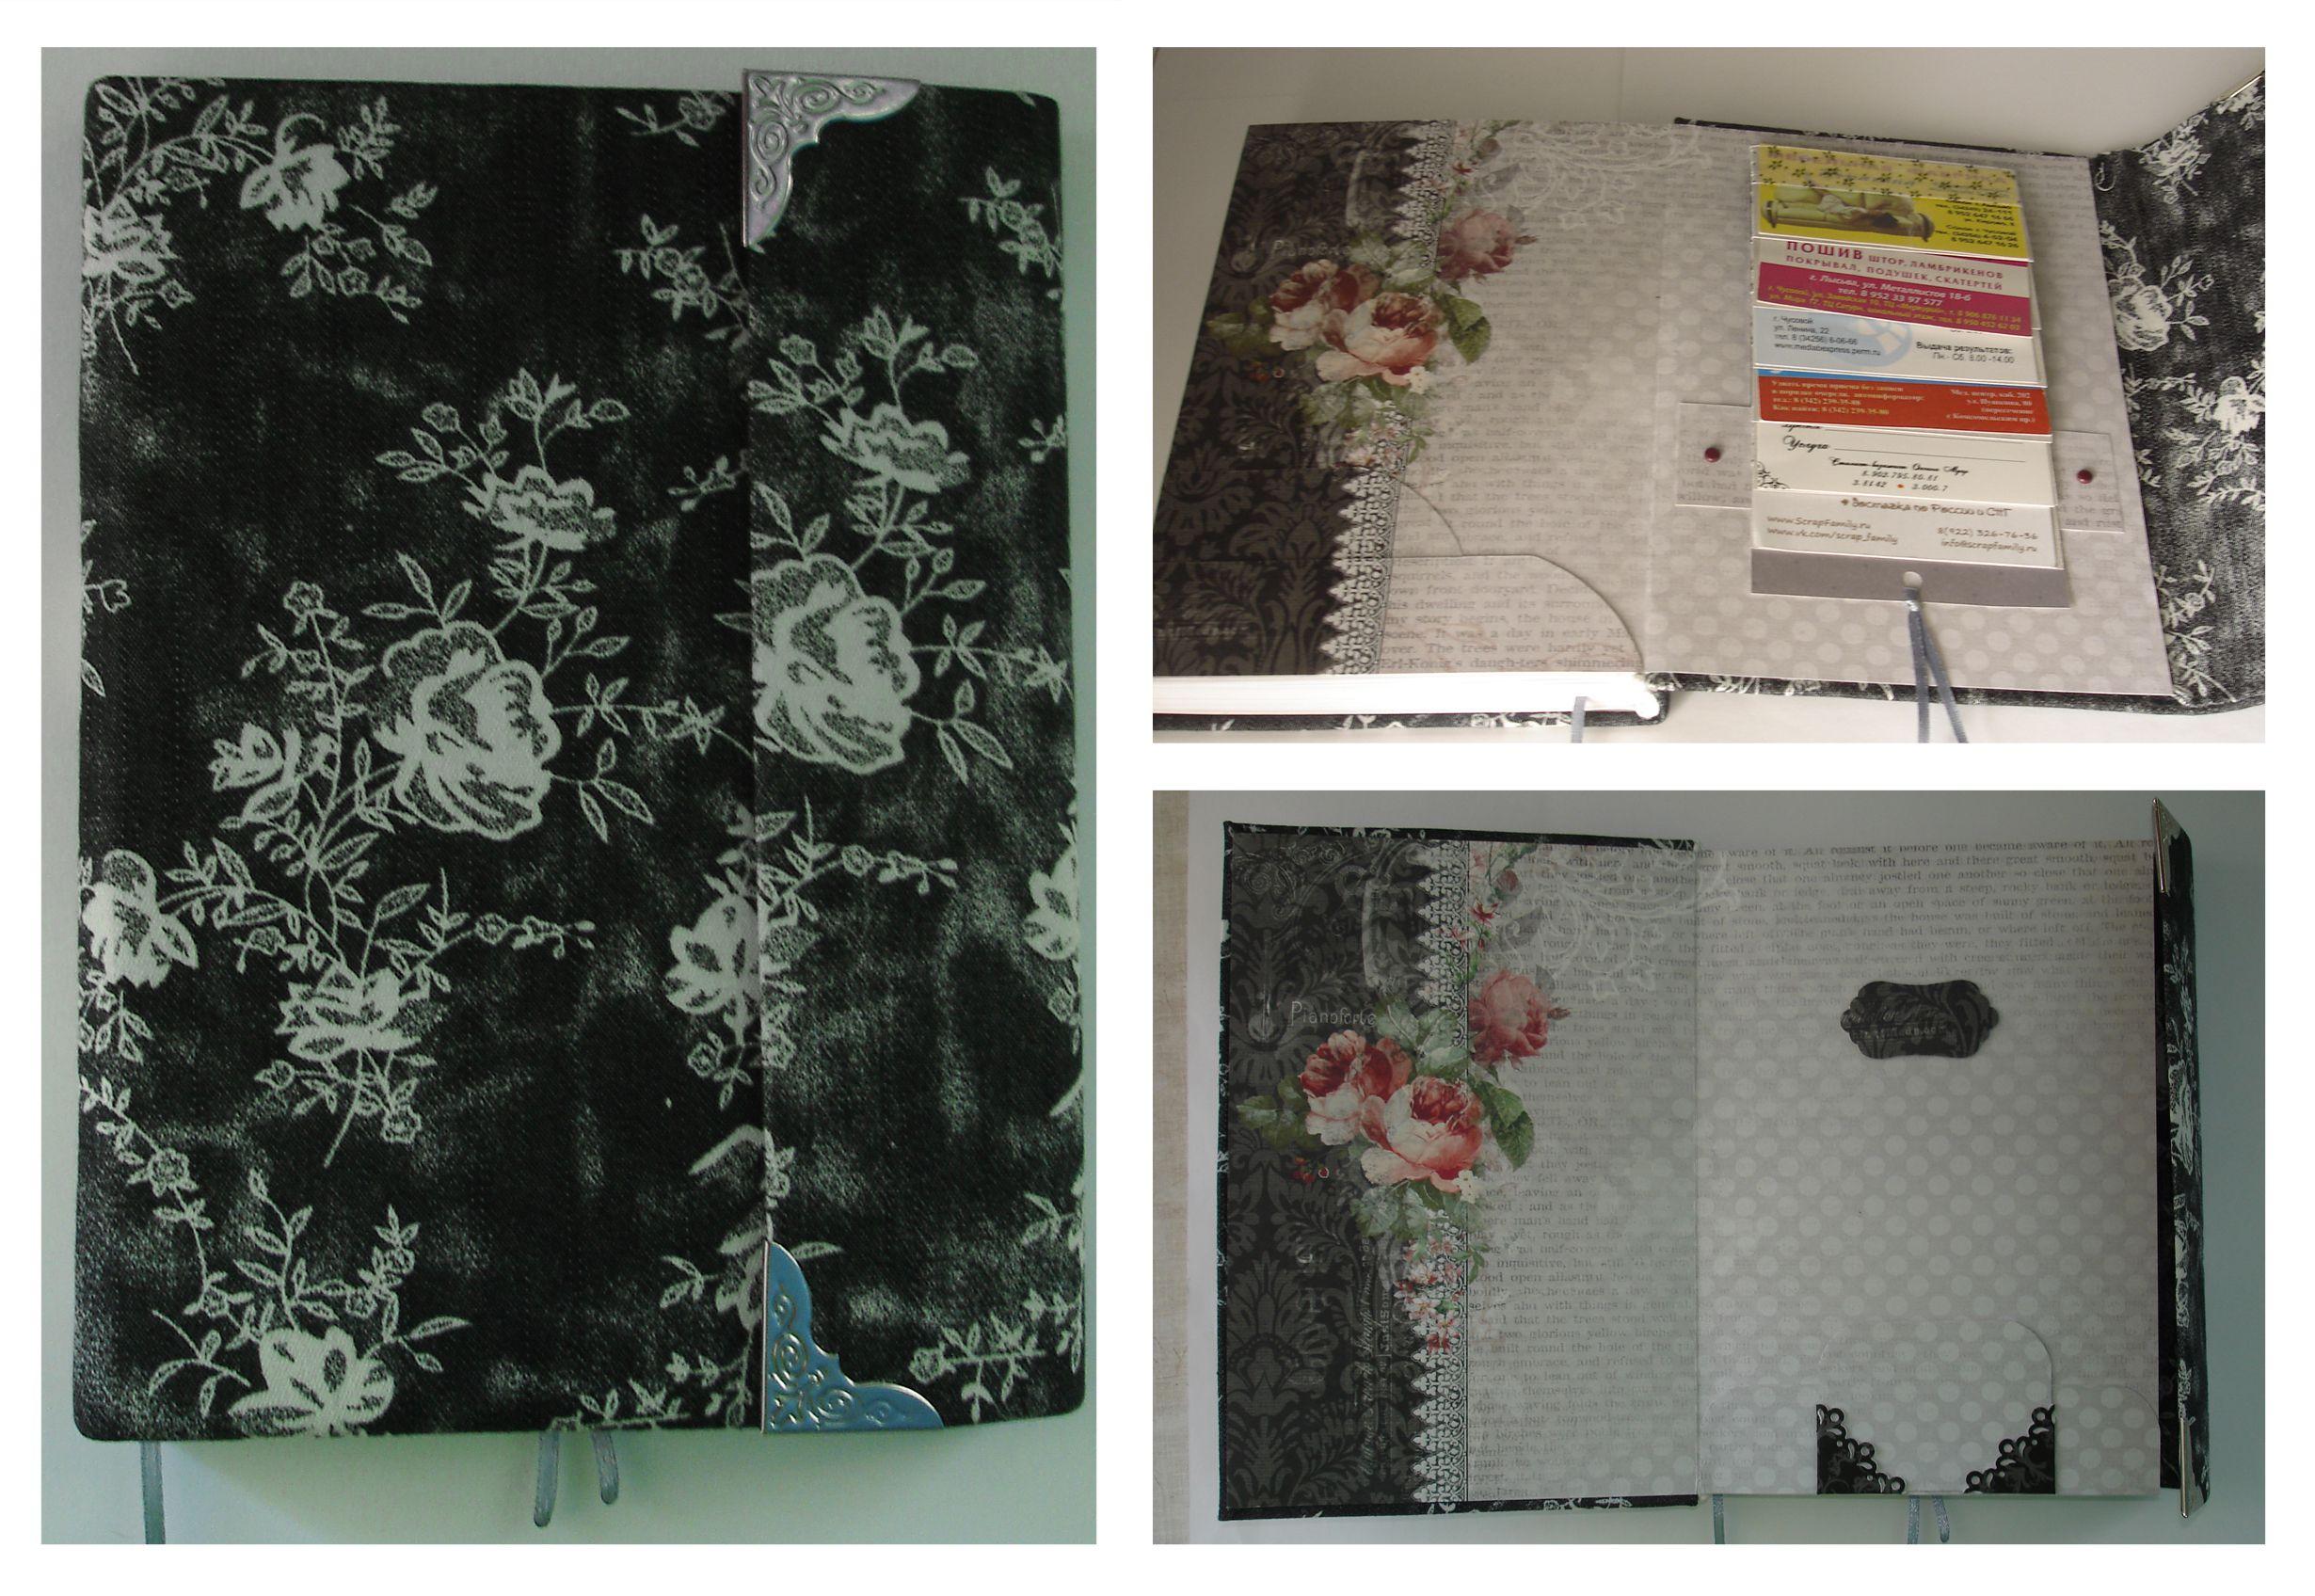 функциональный женщины деловой стильный черно-белый красивый книжка ежедневник мягкий записная для подарок